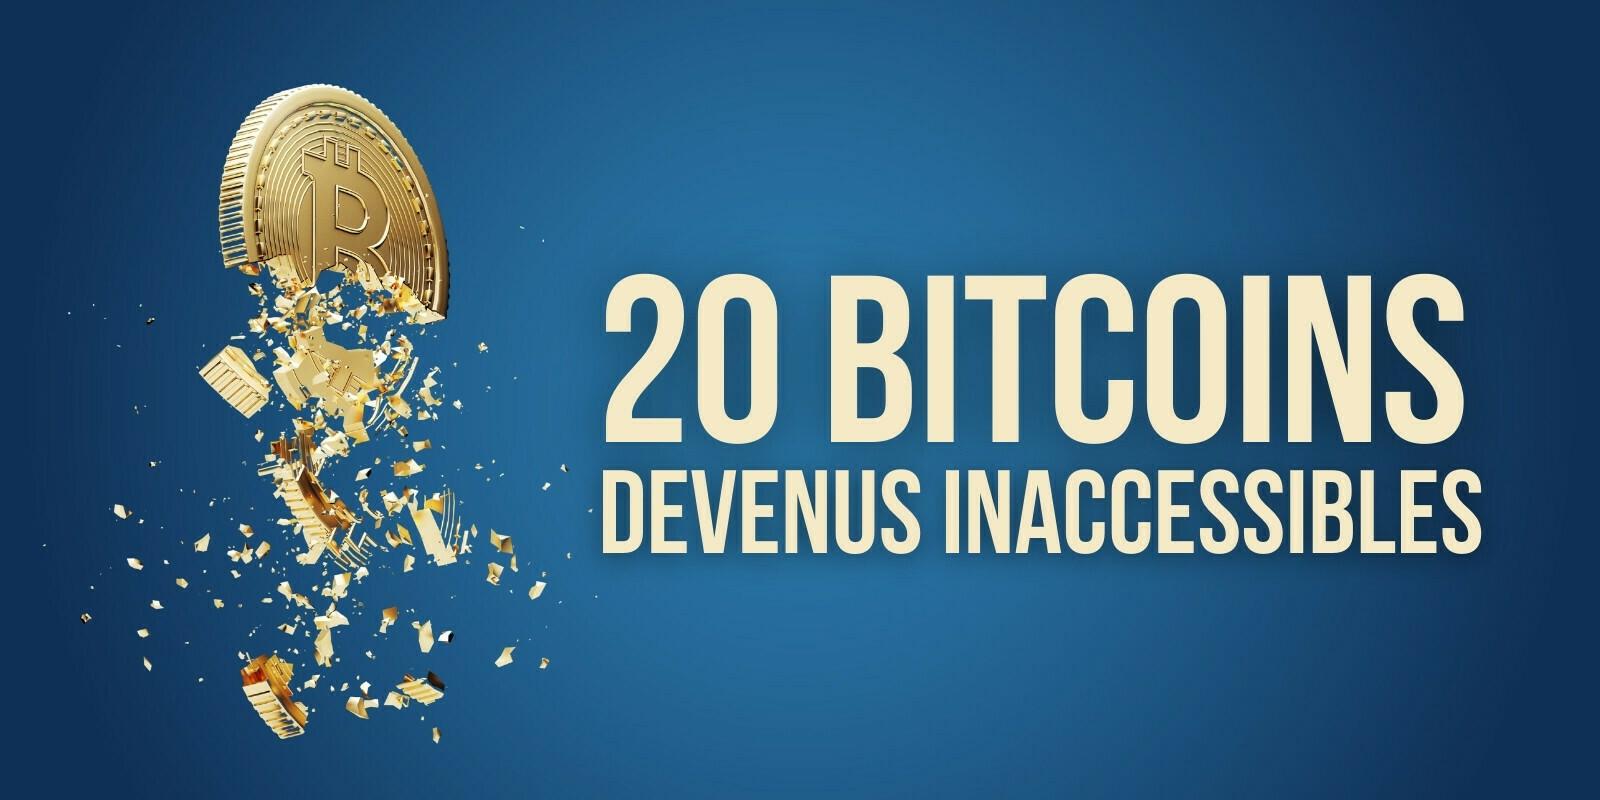 Un ingénieur perd l'accès à un fichier contenant 20 bitcoins (BTC)